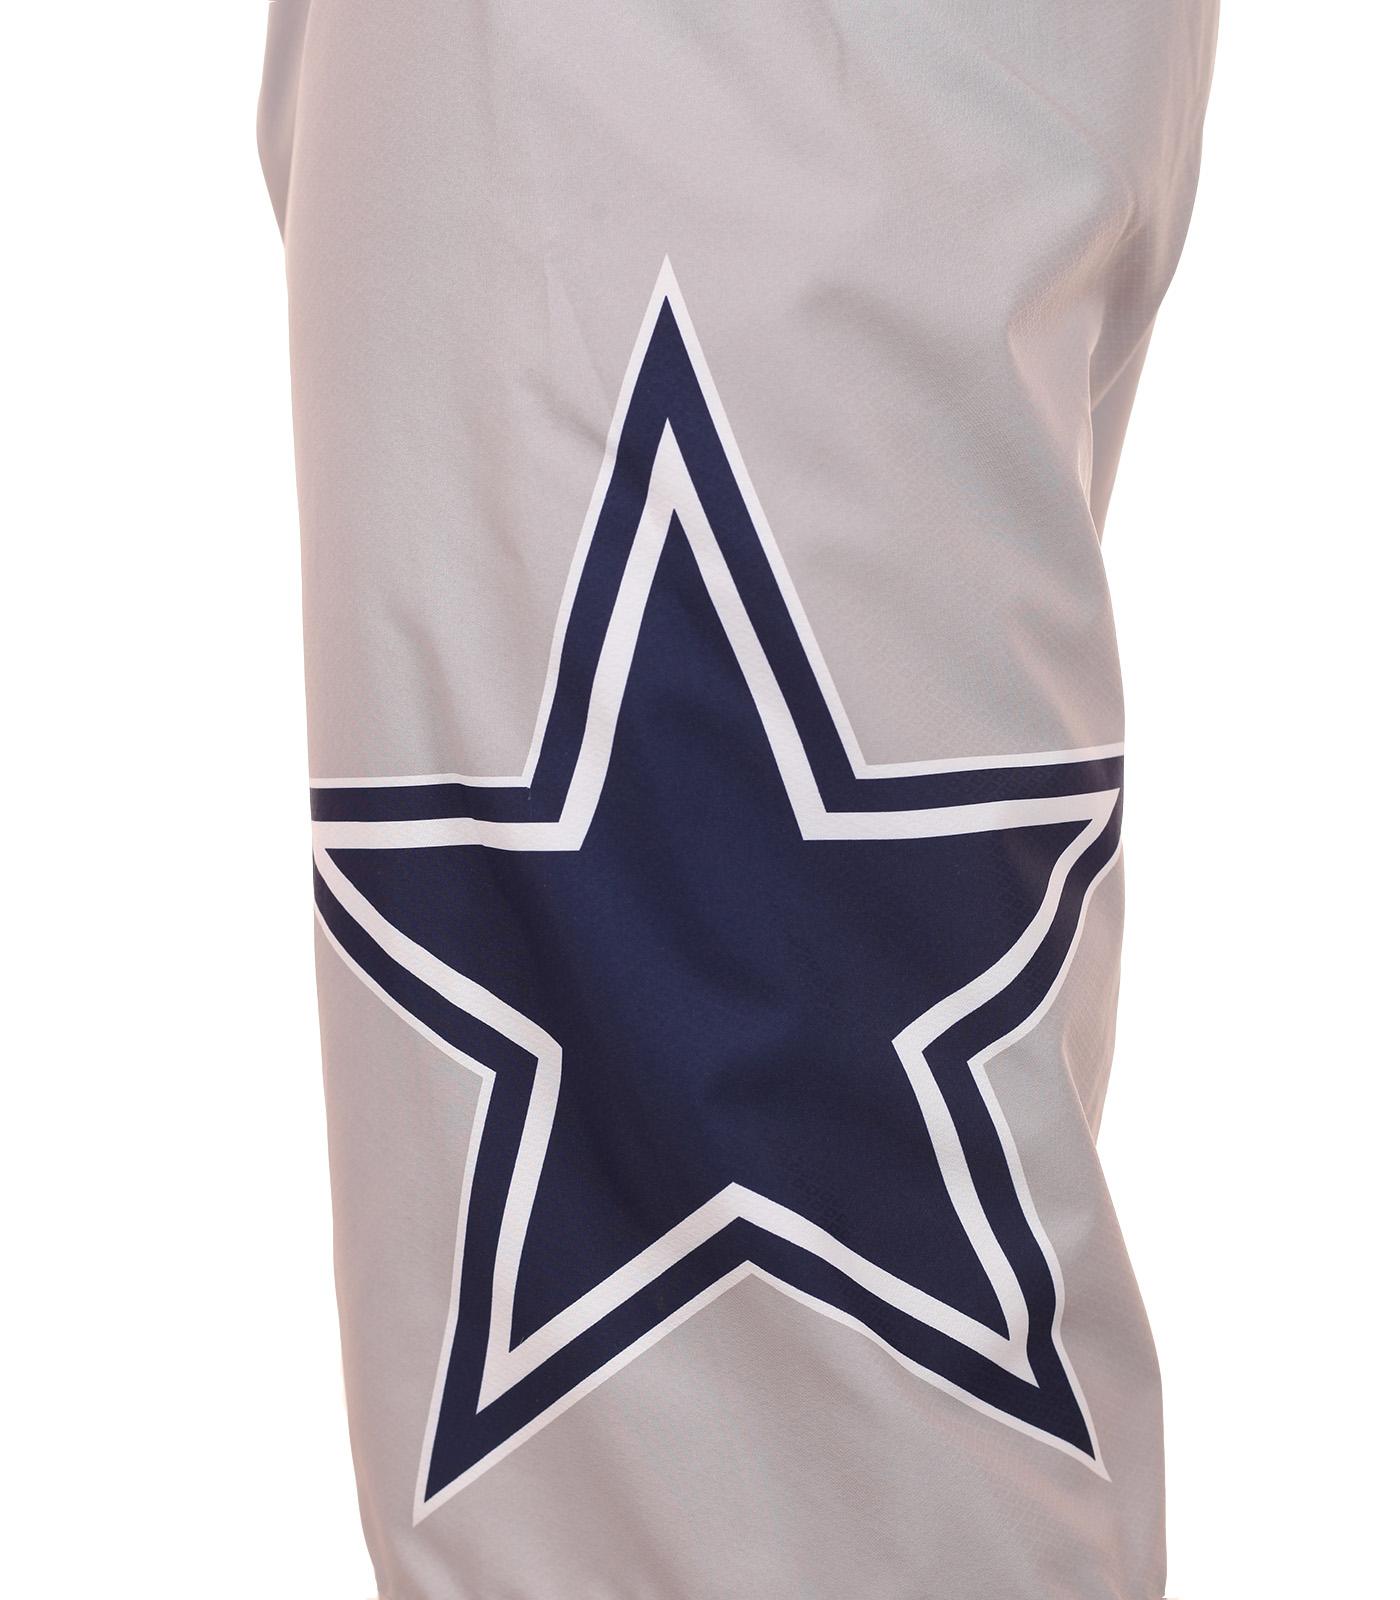 Топовые бордшорты с логотипом футбольного клуба НФЛ Dallas Cowboys - вид сбоку